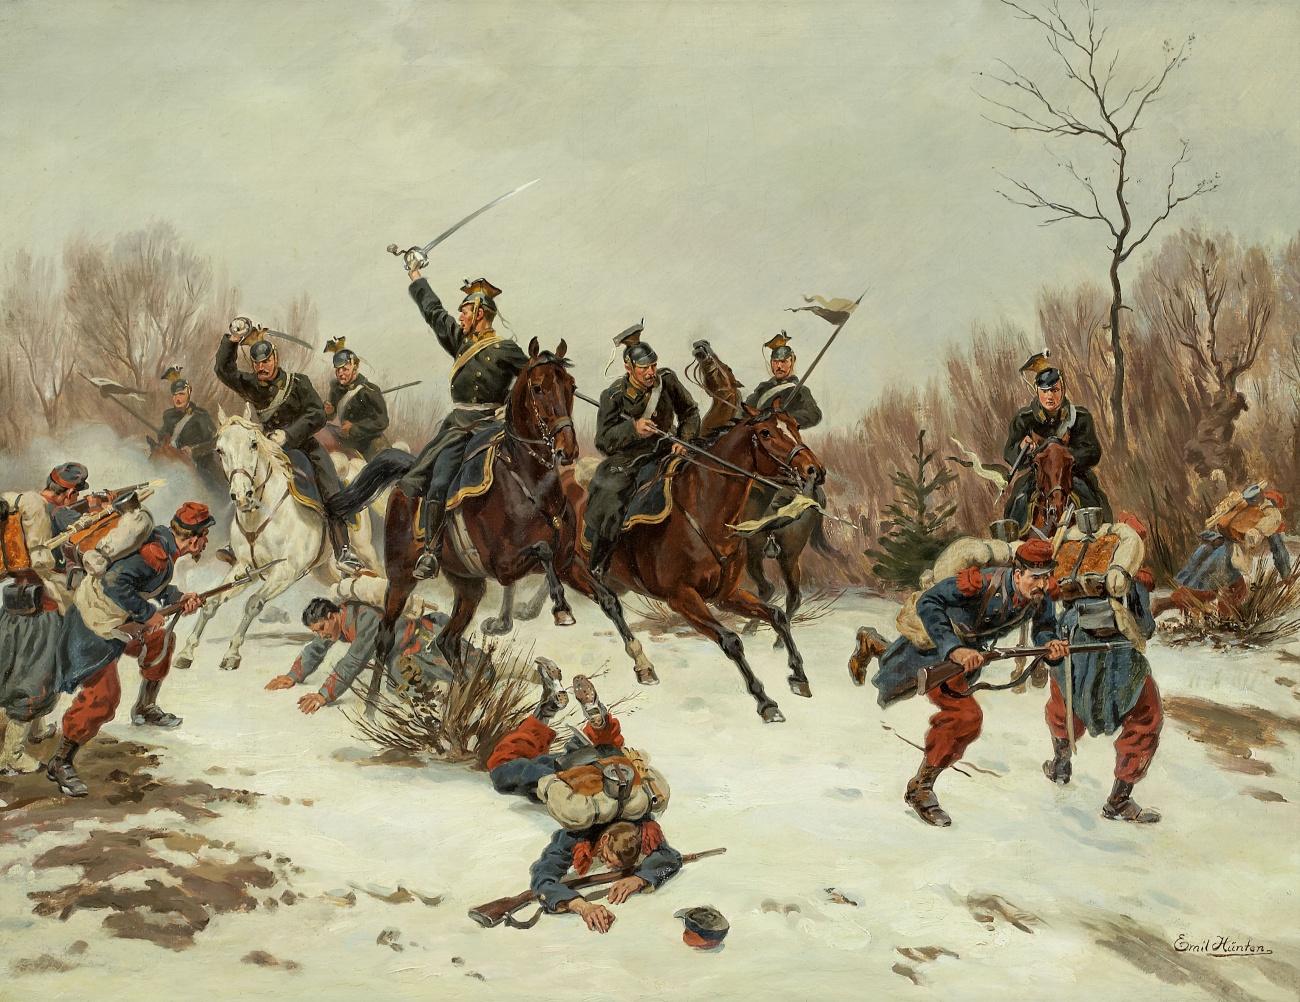 Emil_H_nten_Gefecht_zwischen_preussischen_Ulanen_und_franz_sischen_Infanteriesoldaten